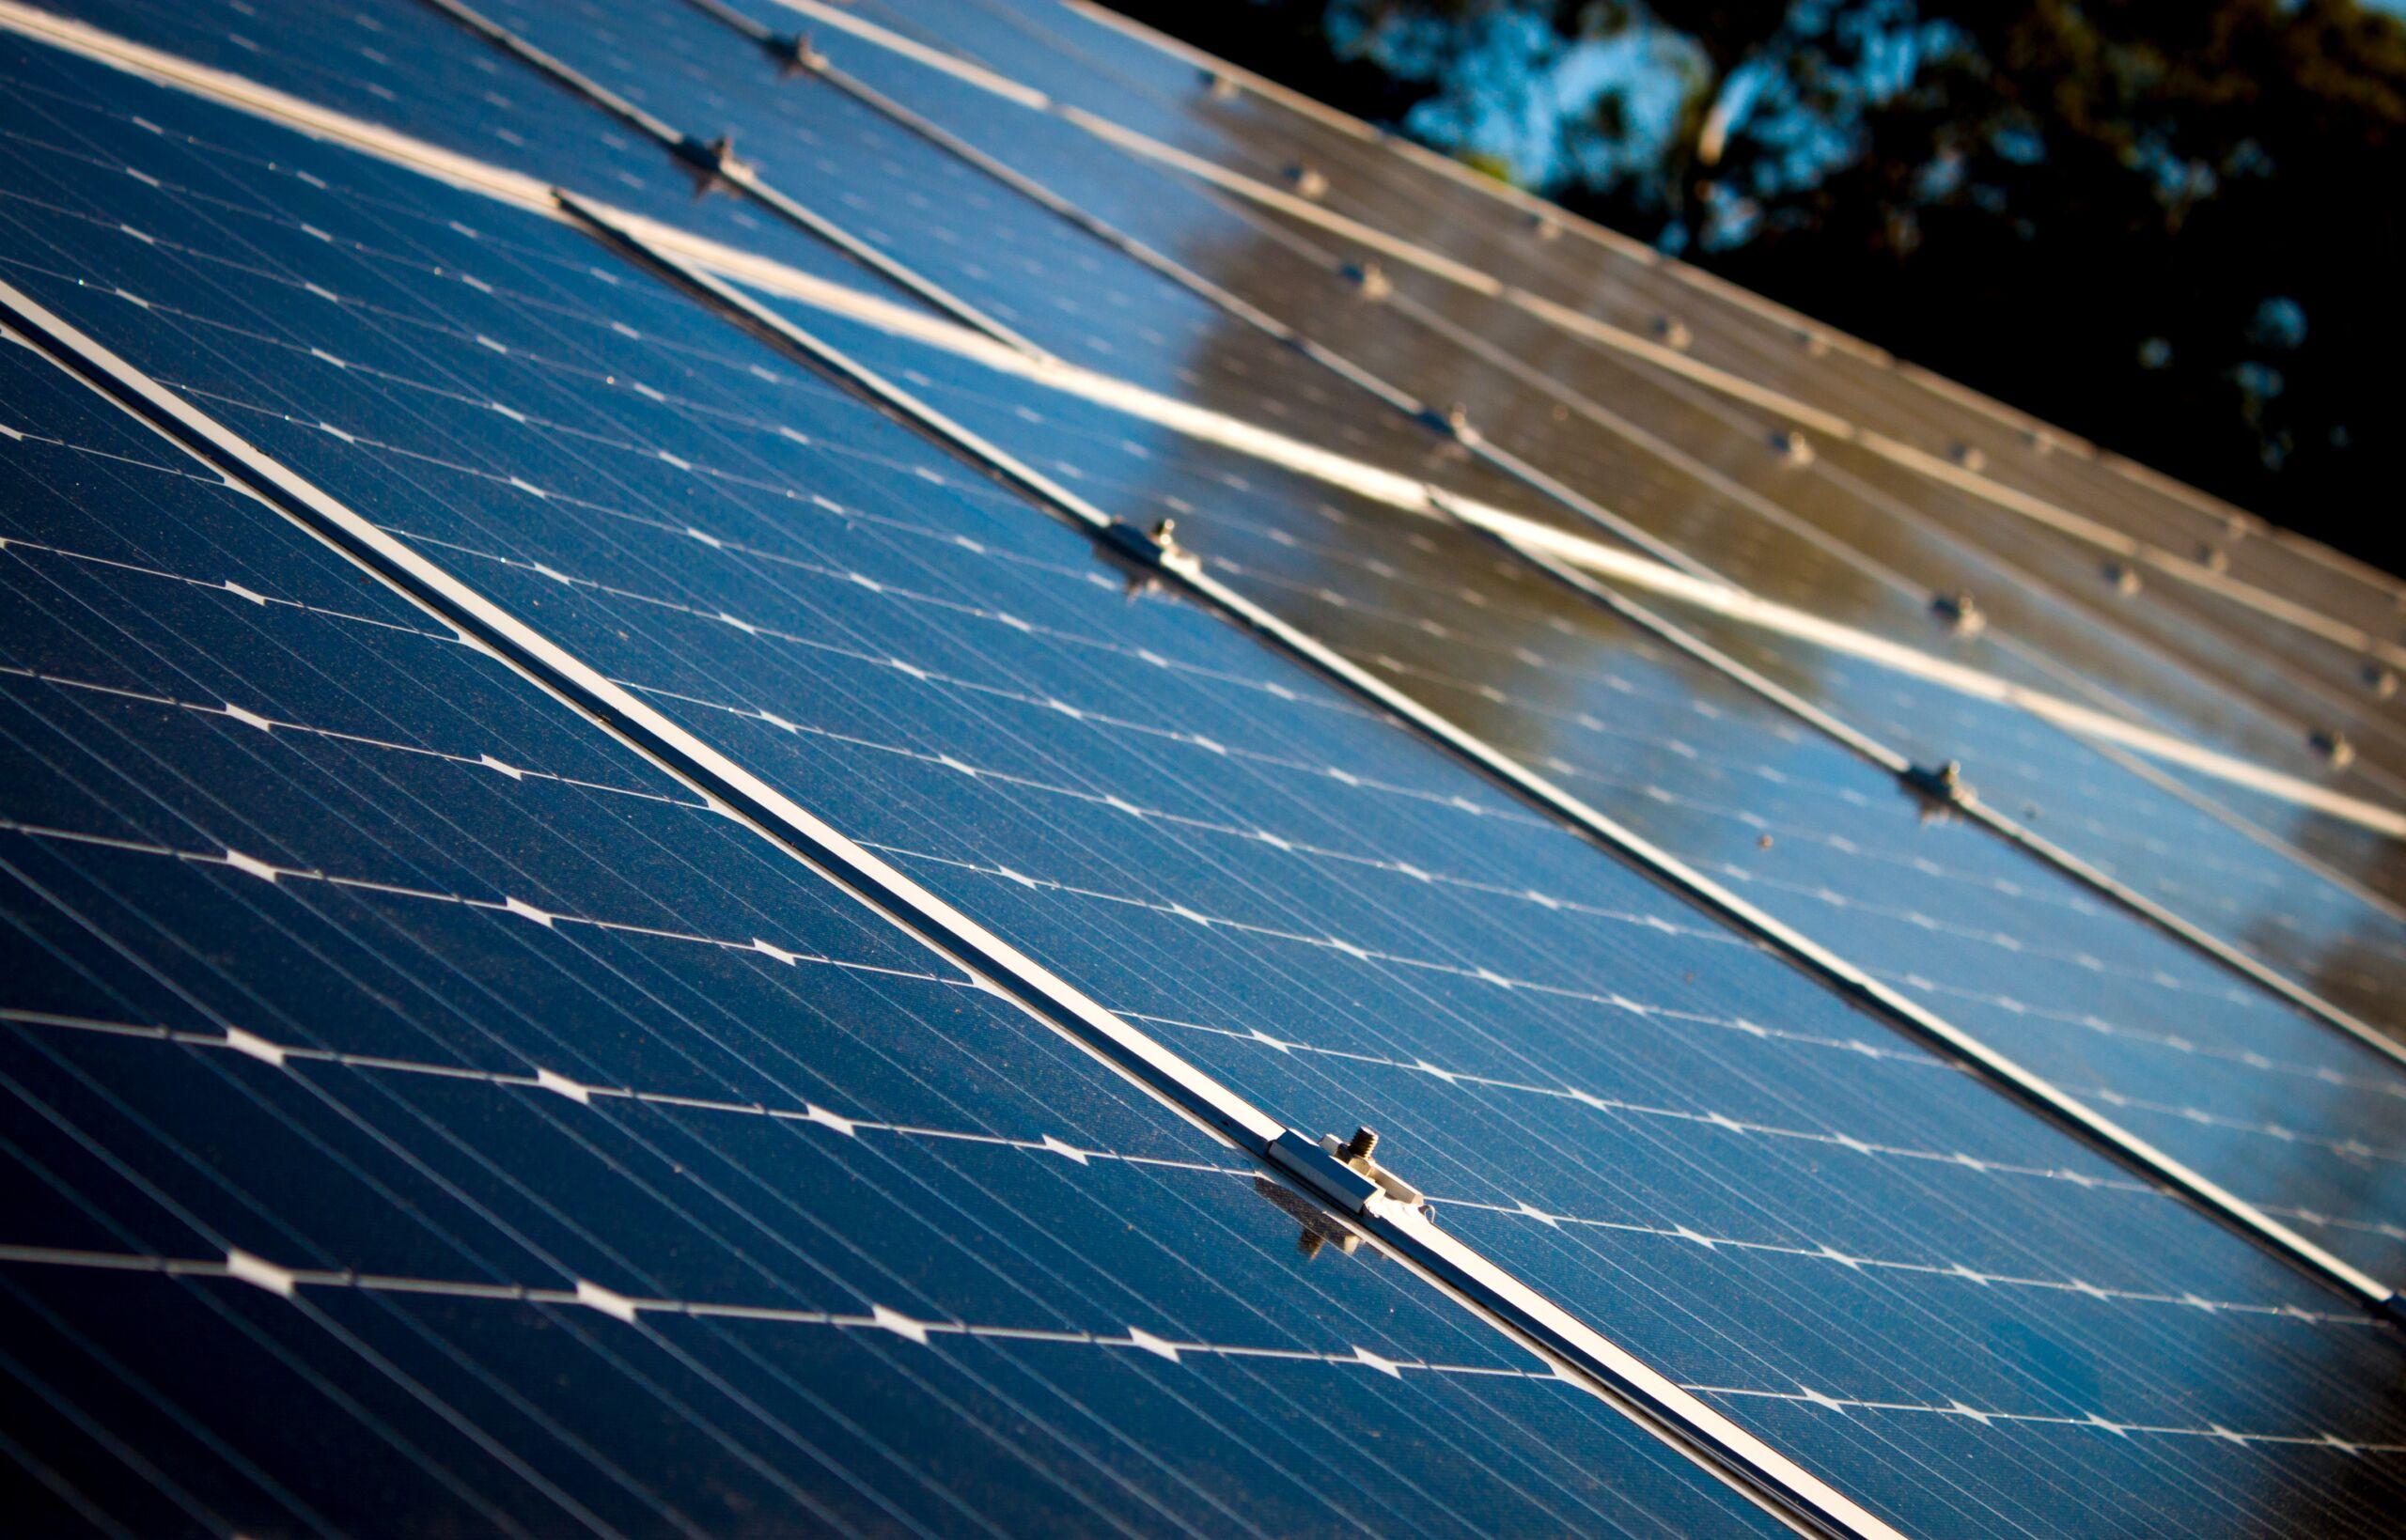 Understand Solar